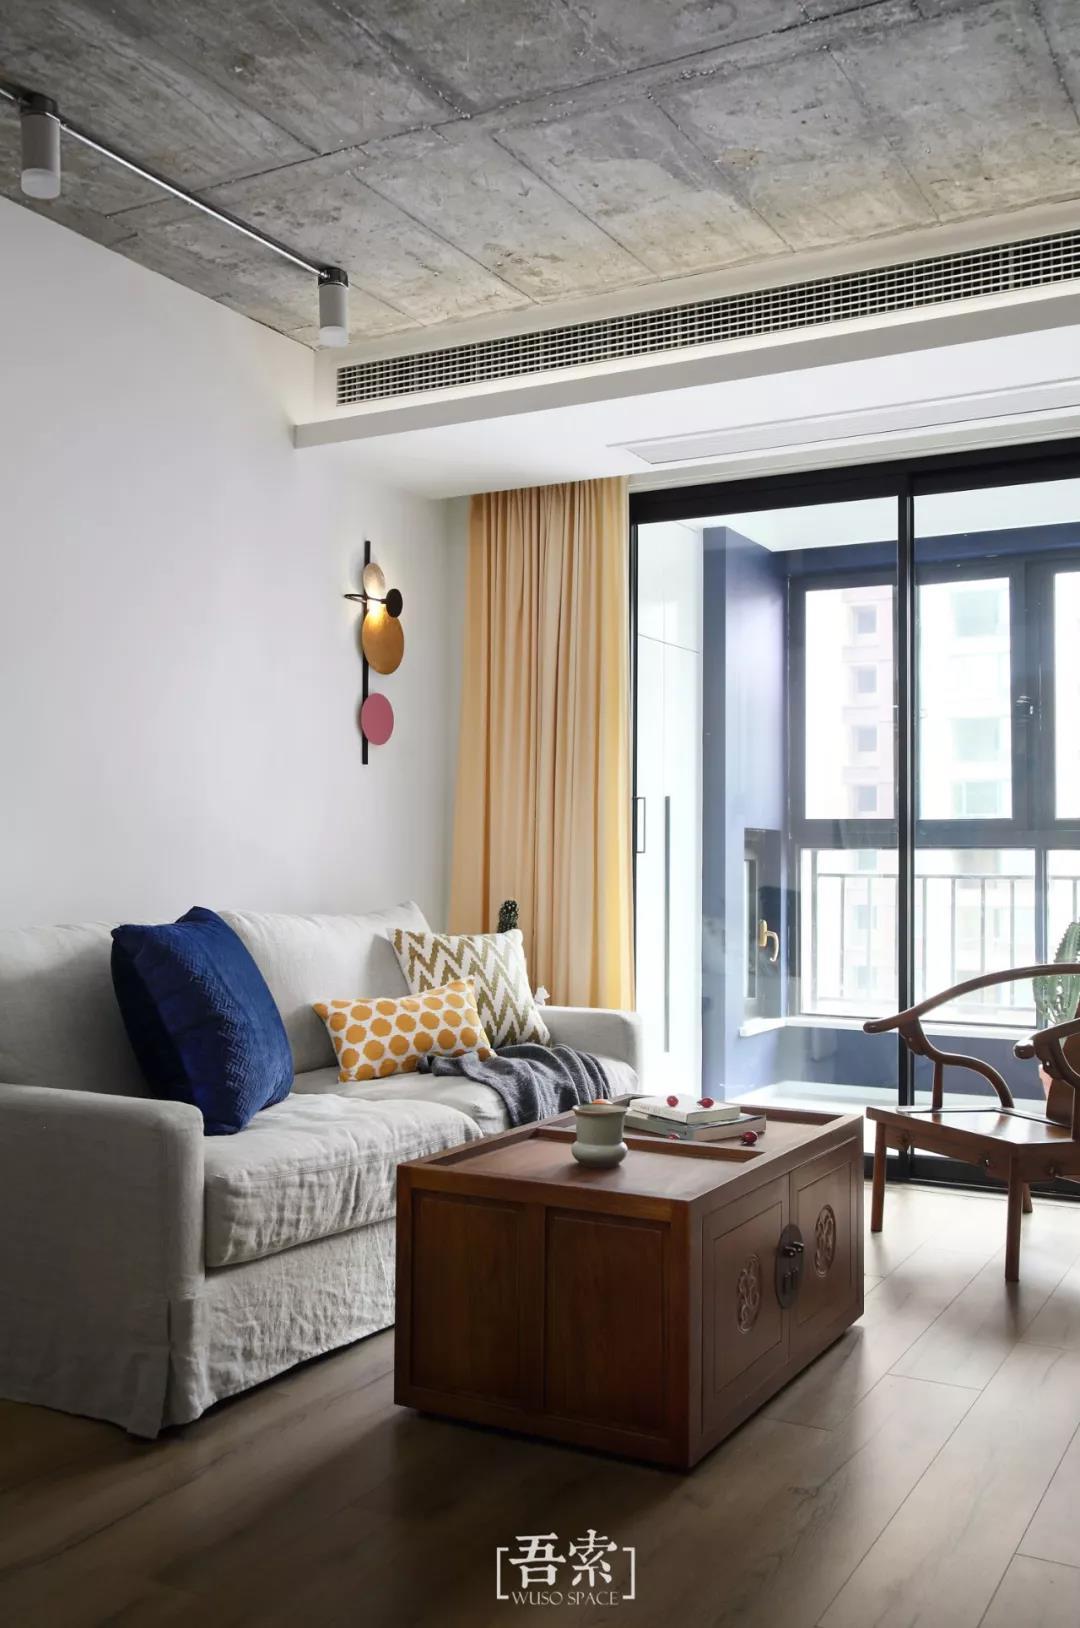 二居室混搭风格客厅装修效果图